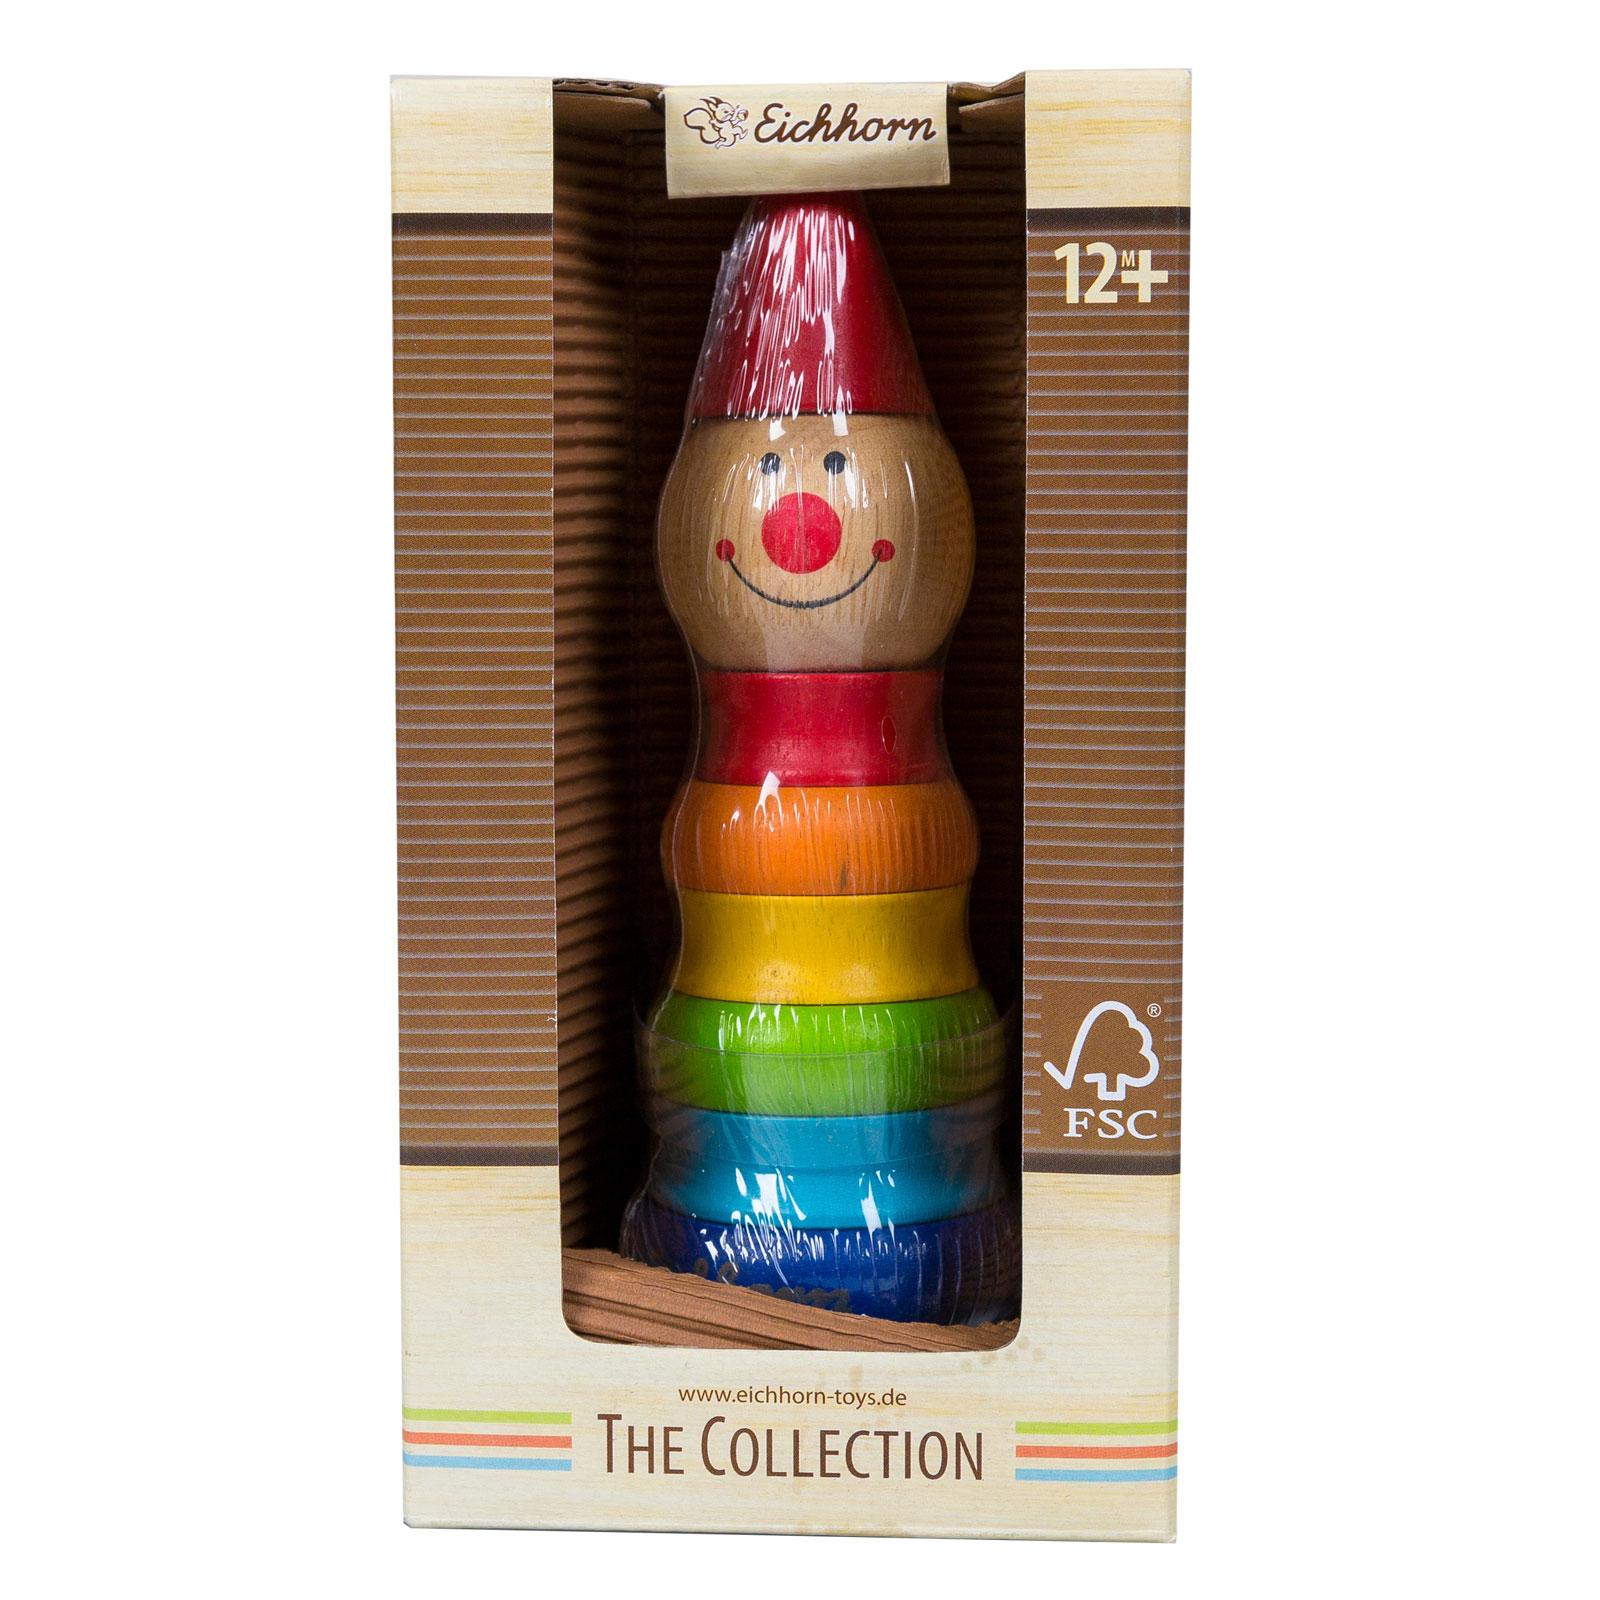 Развивающая игрушка Eichhorn Пирамидка Клоун с 12 мес. (из 7 деталей) от Младенец.ru